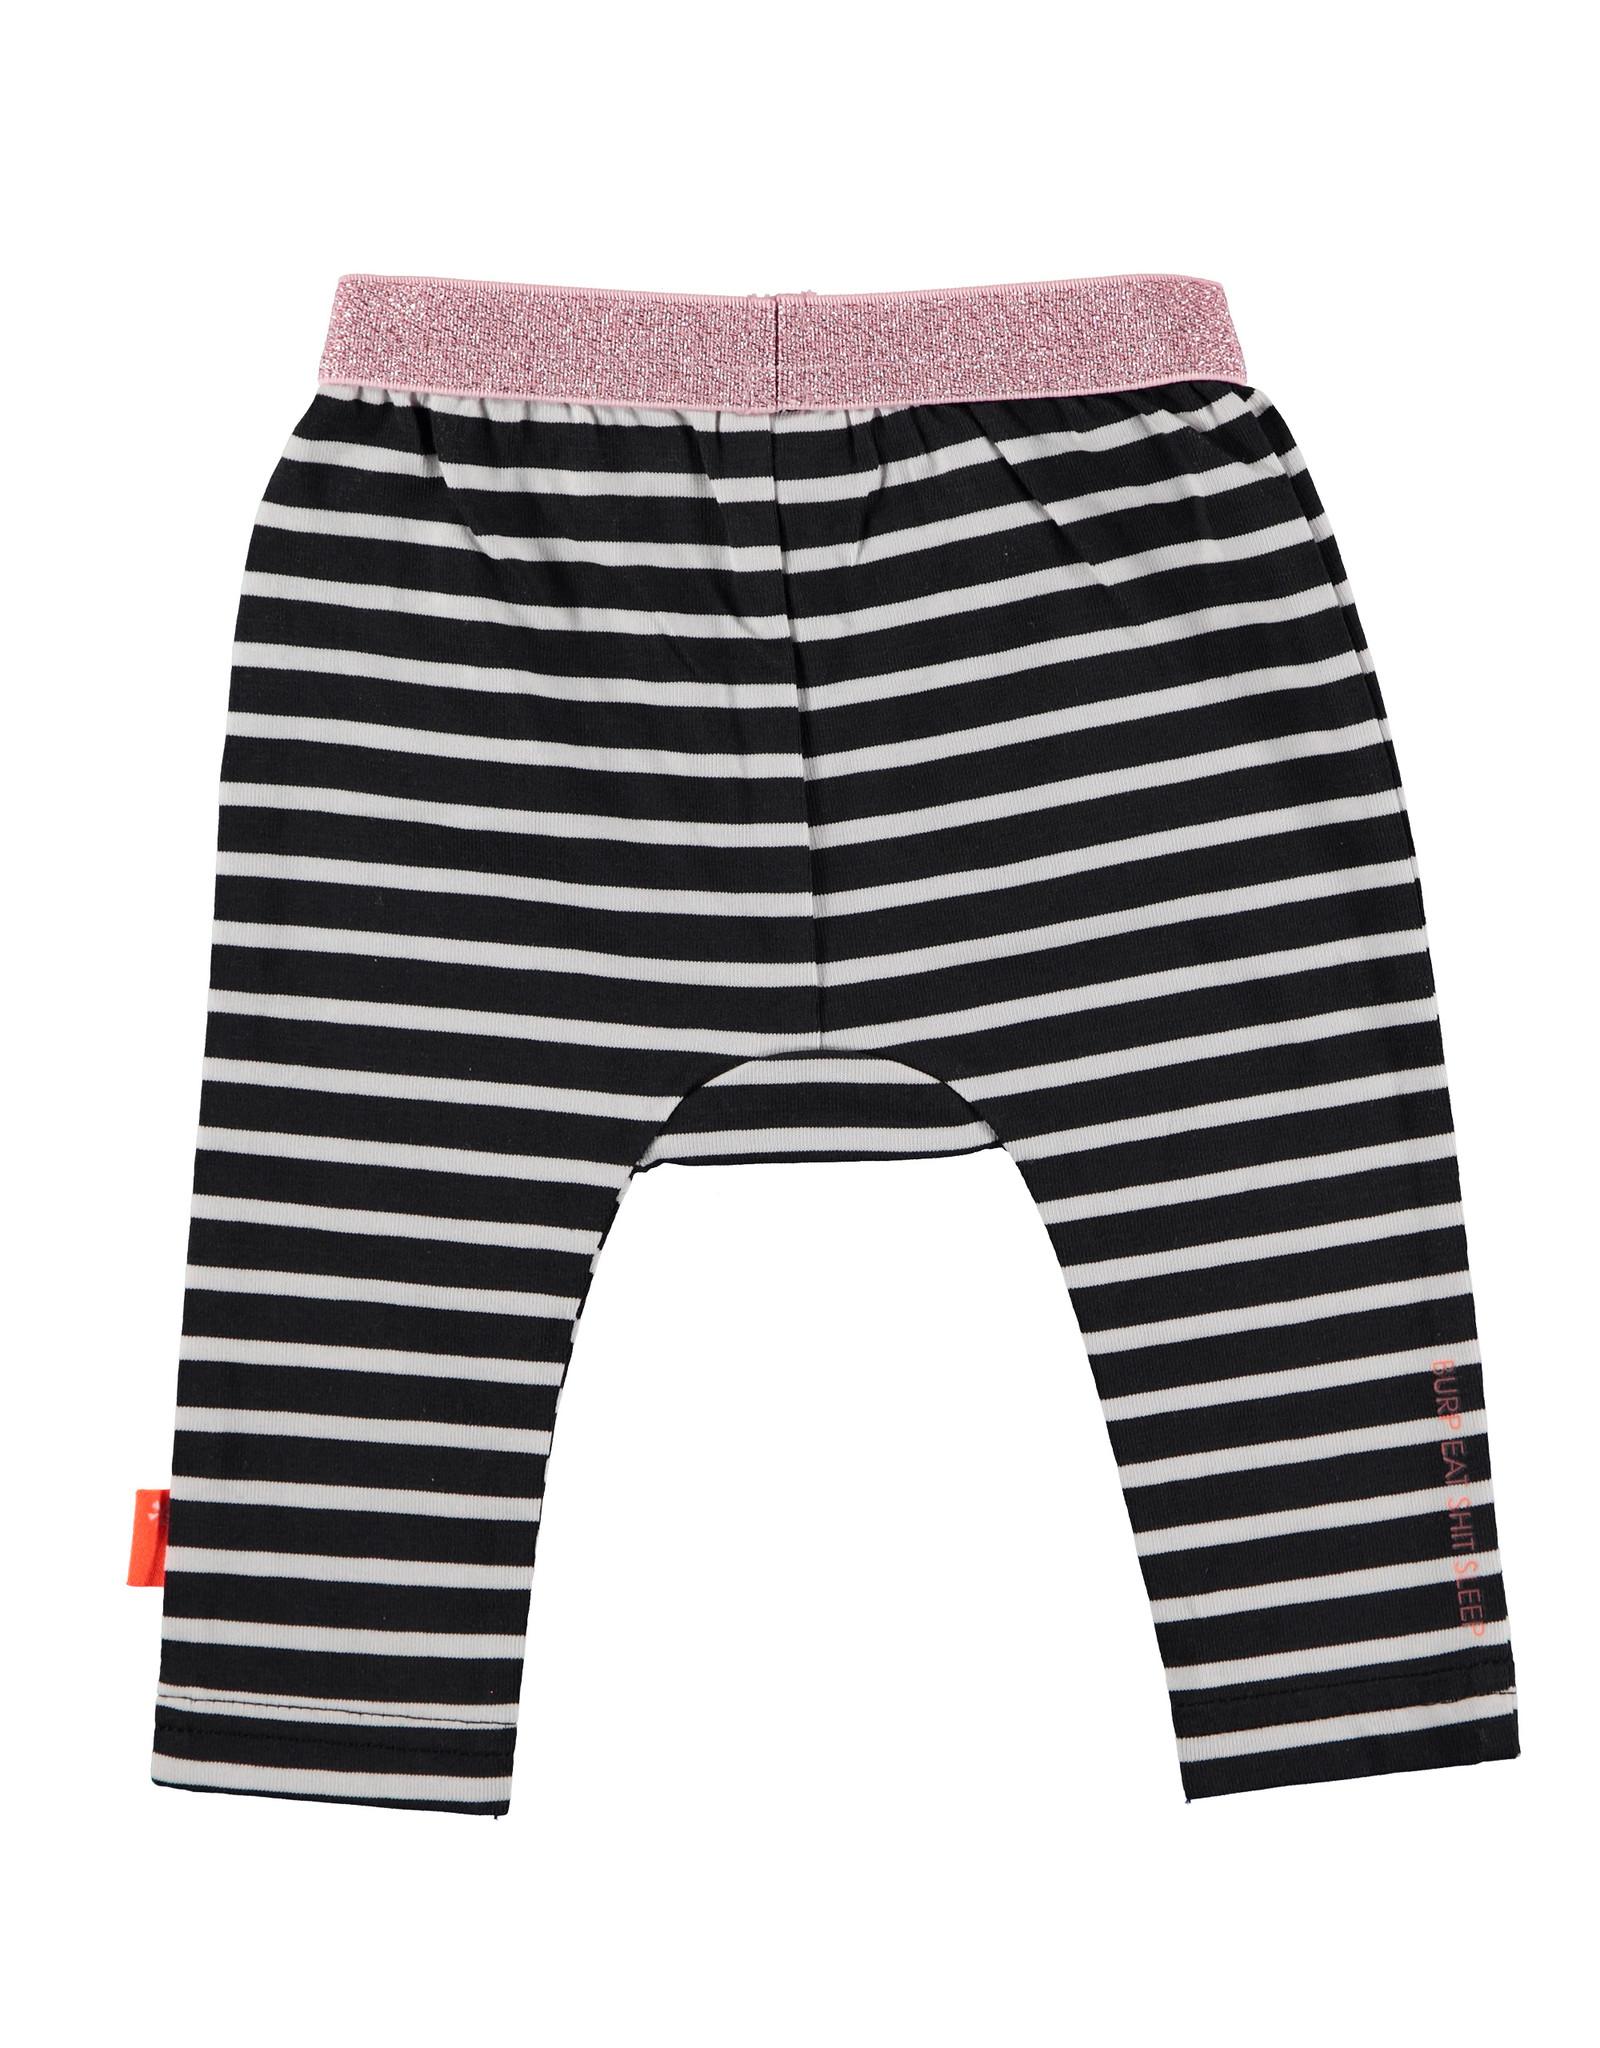 B.E.S.S. Legging Striped, Anthracite